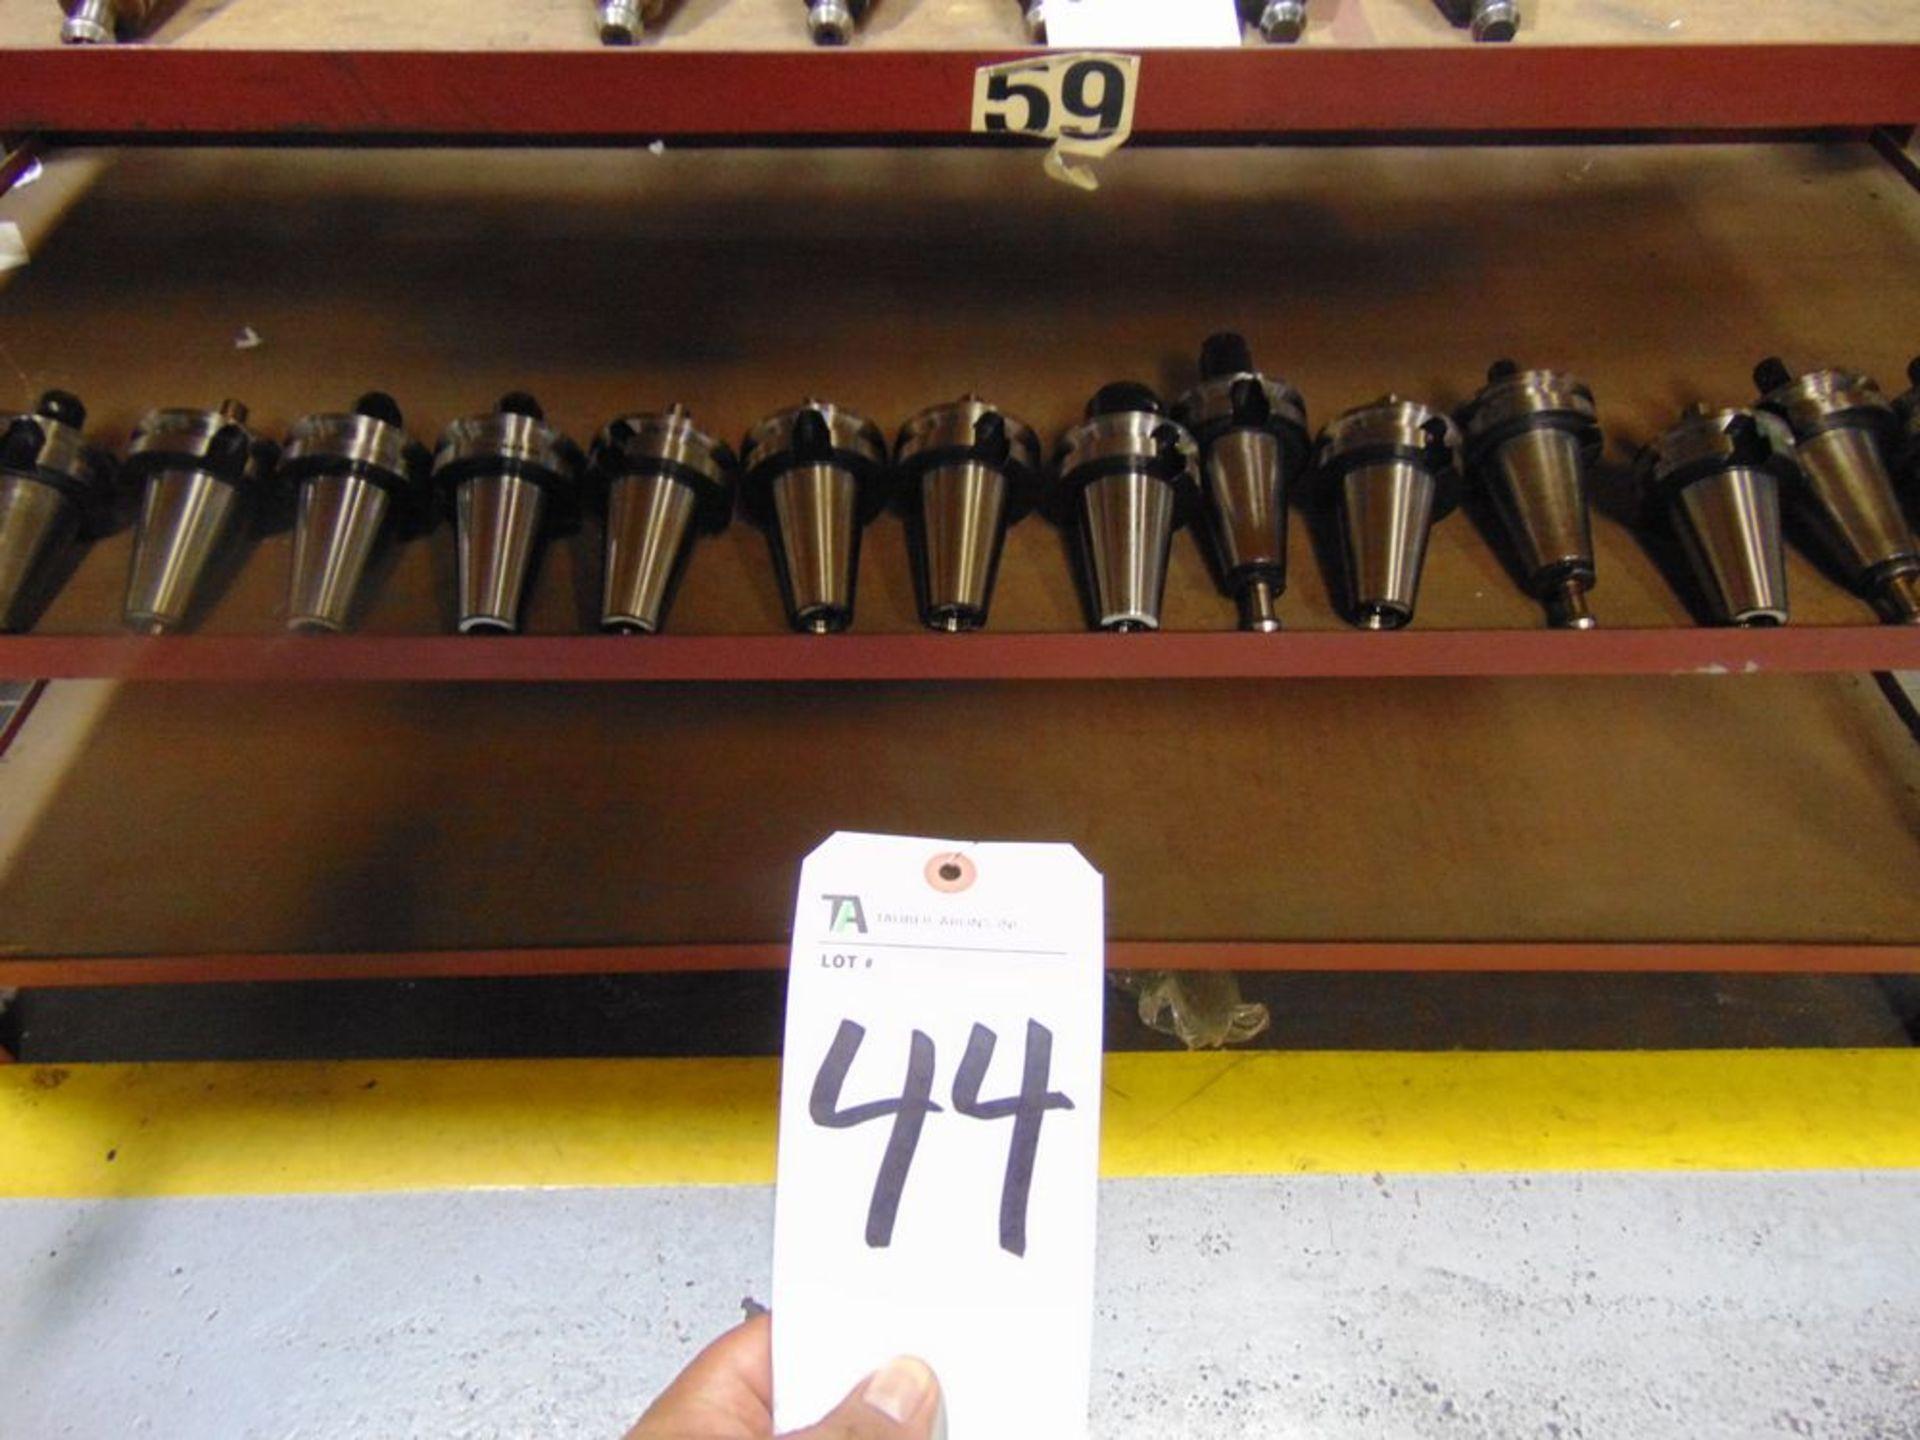 Lot 44 - Tecnara & Others, 45 Taper Tool Holders